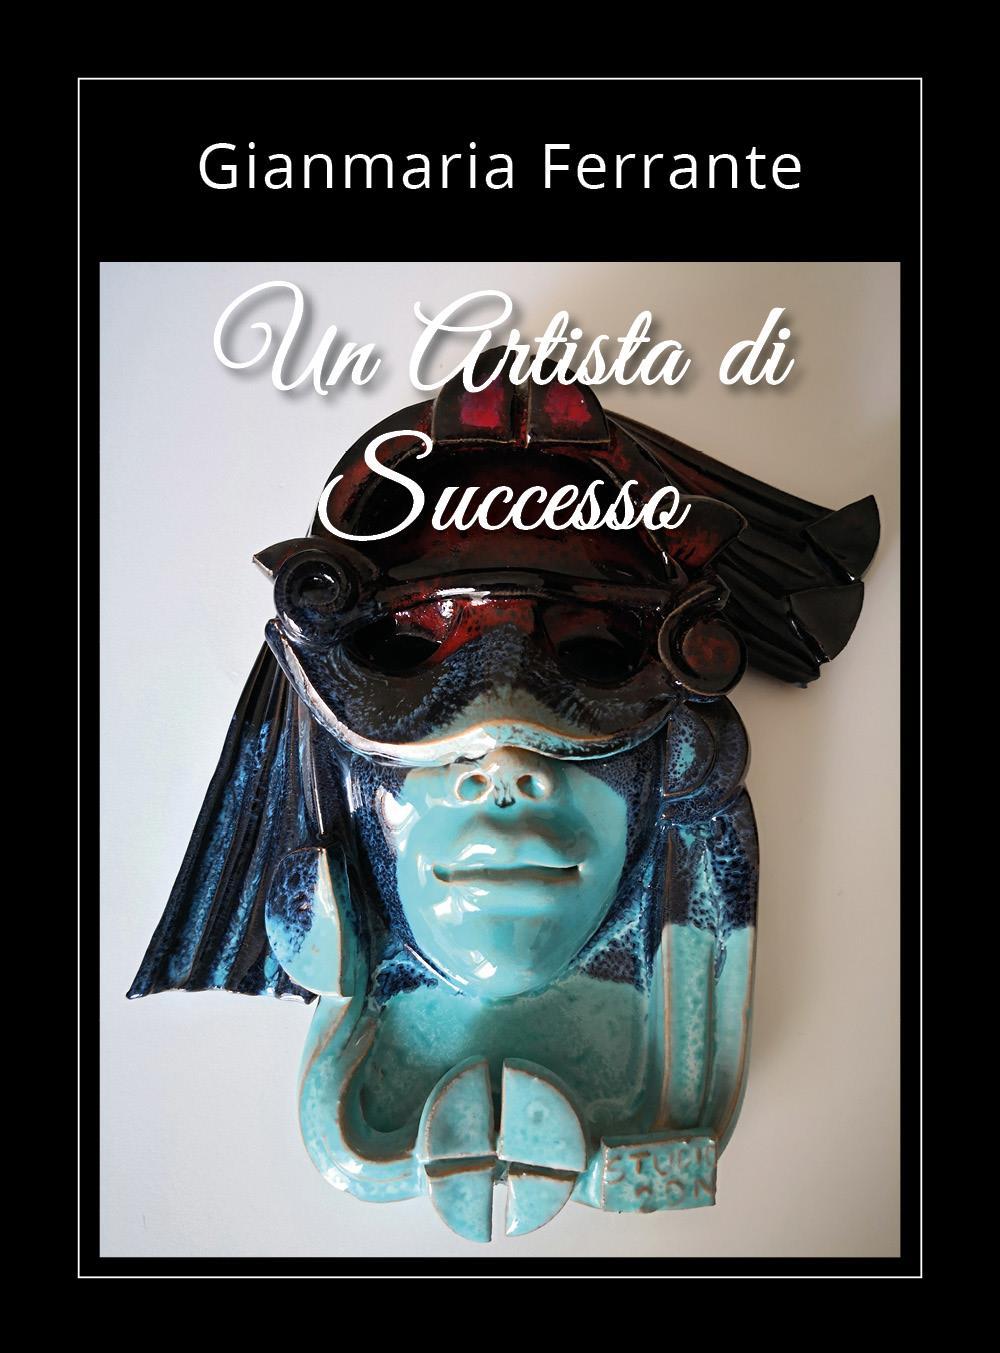 Un artista di successo